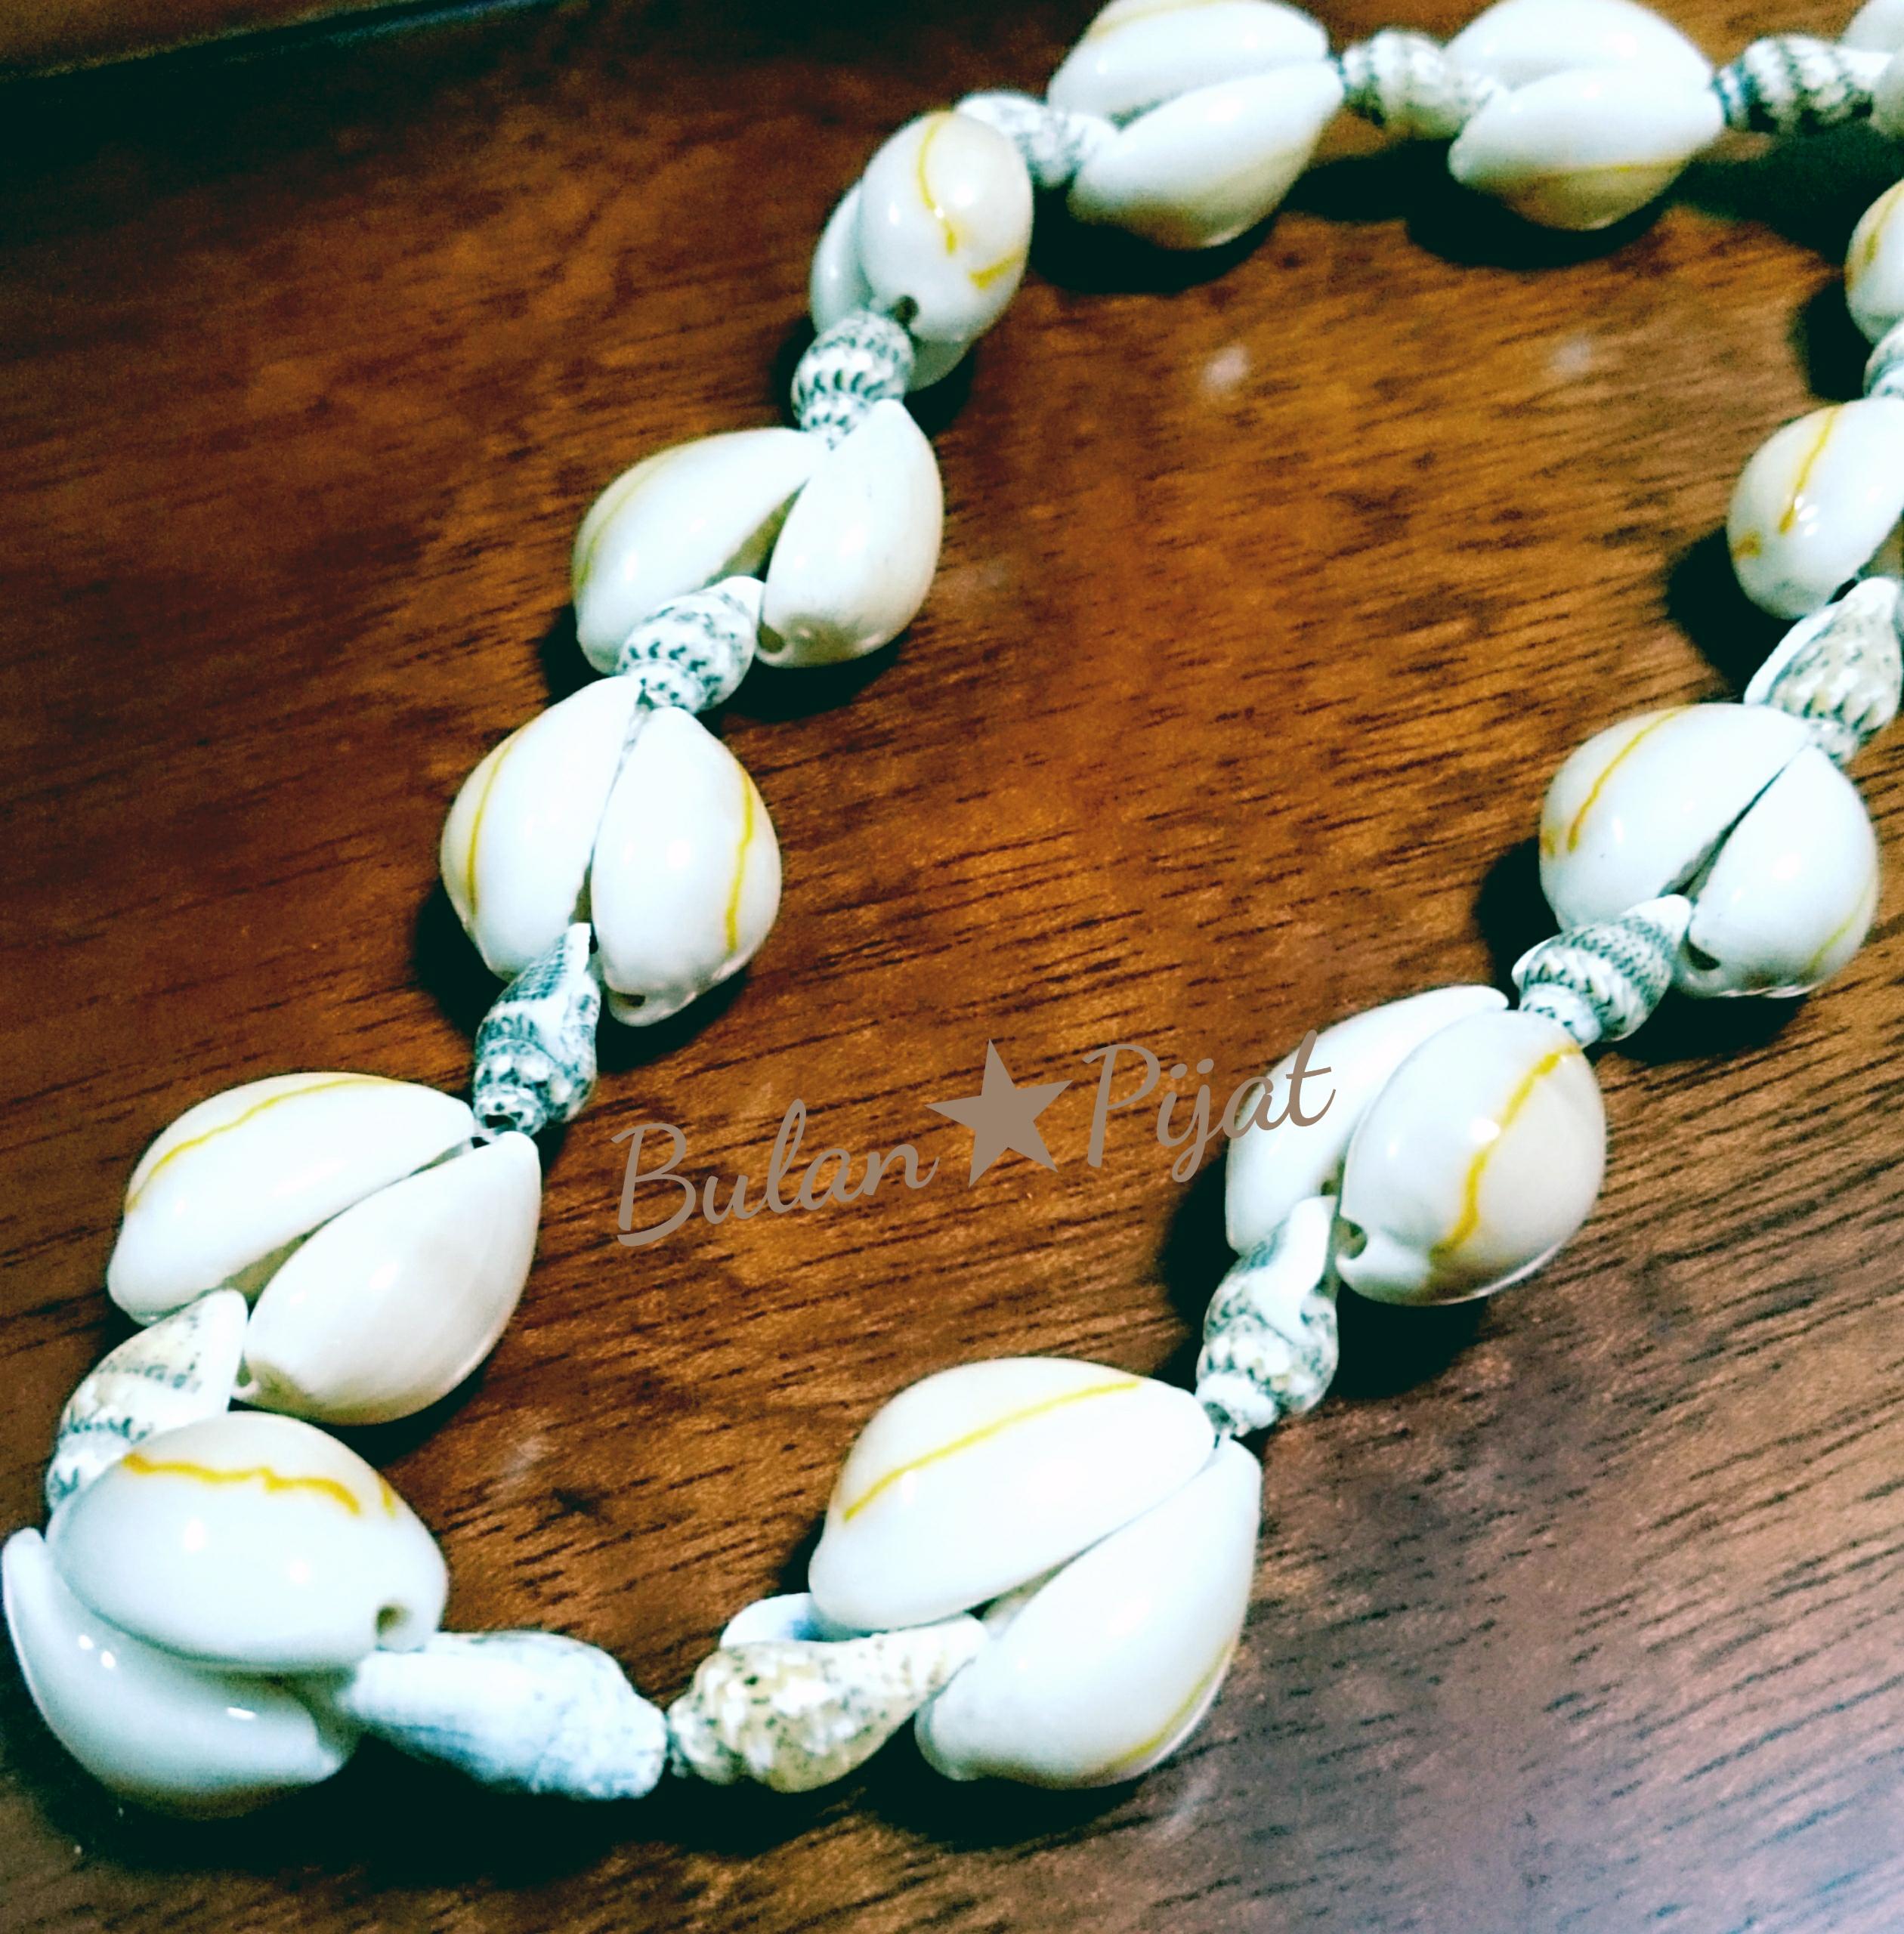 Hawaiiハワイからの贈り物 貝殻アクセサリー